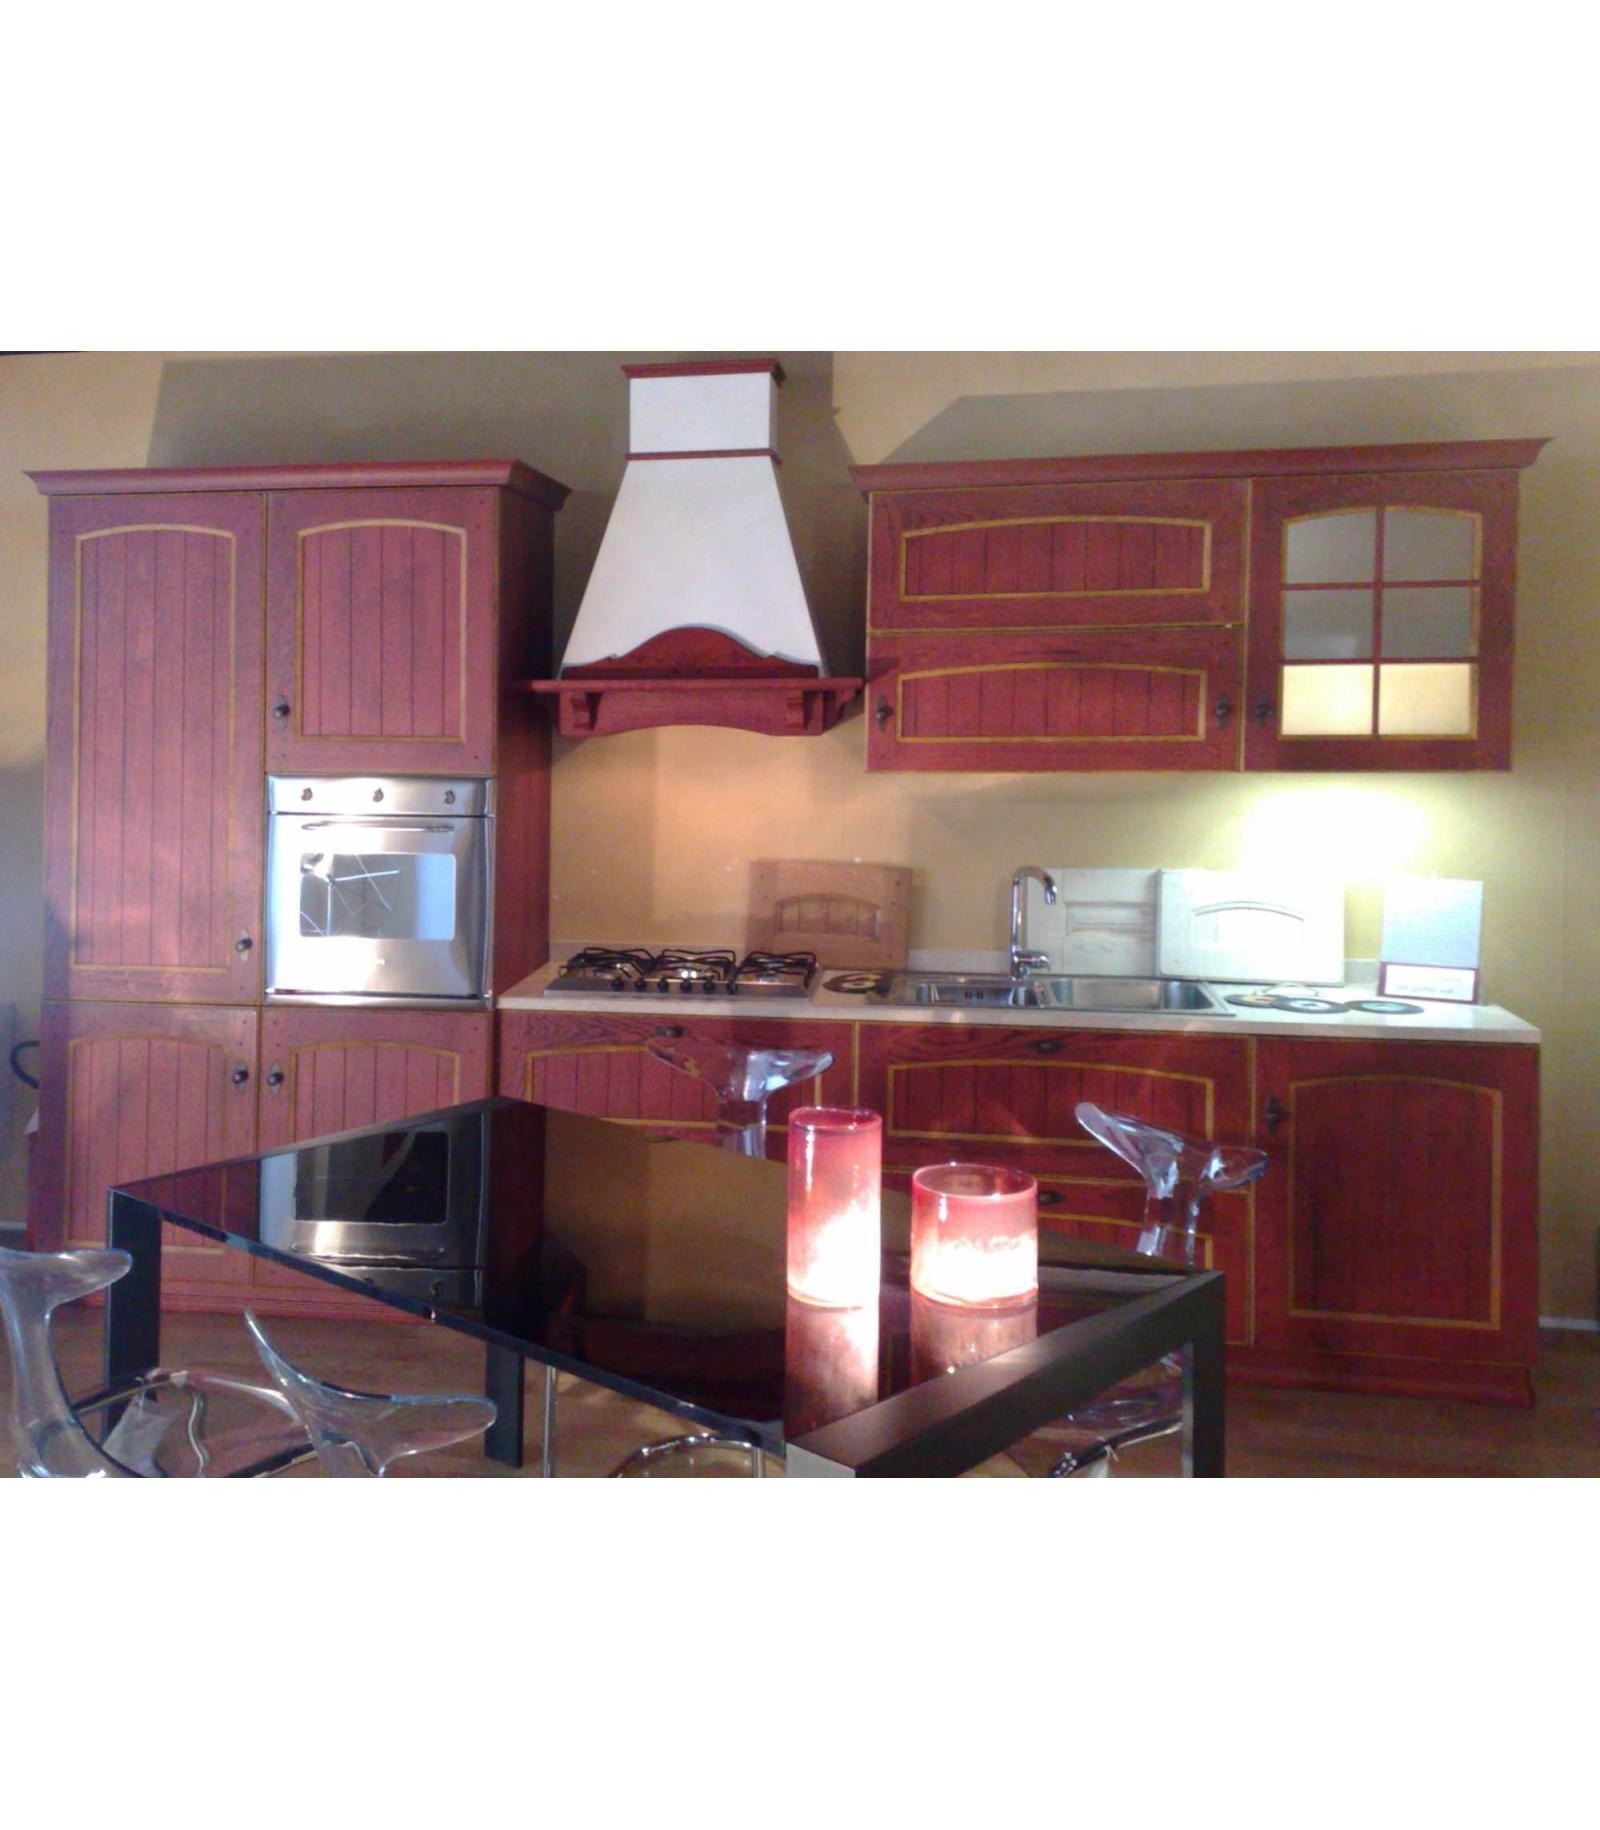 Offerte Outlet di Cucine e Mobili. - Mariotti Casa